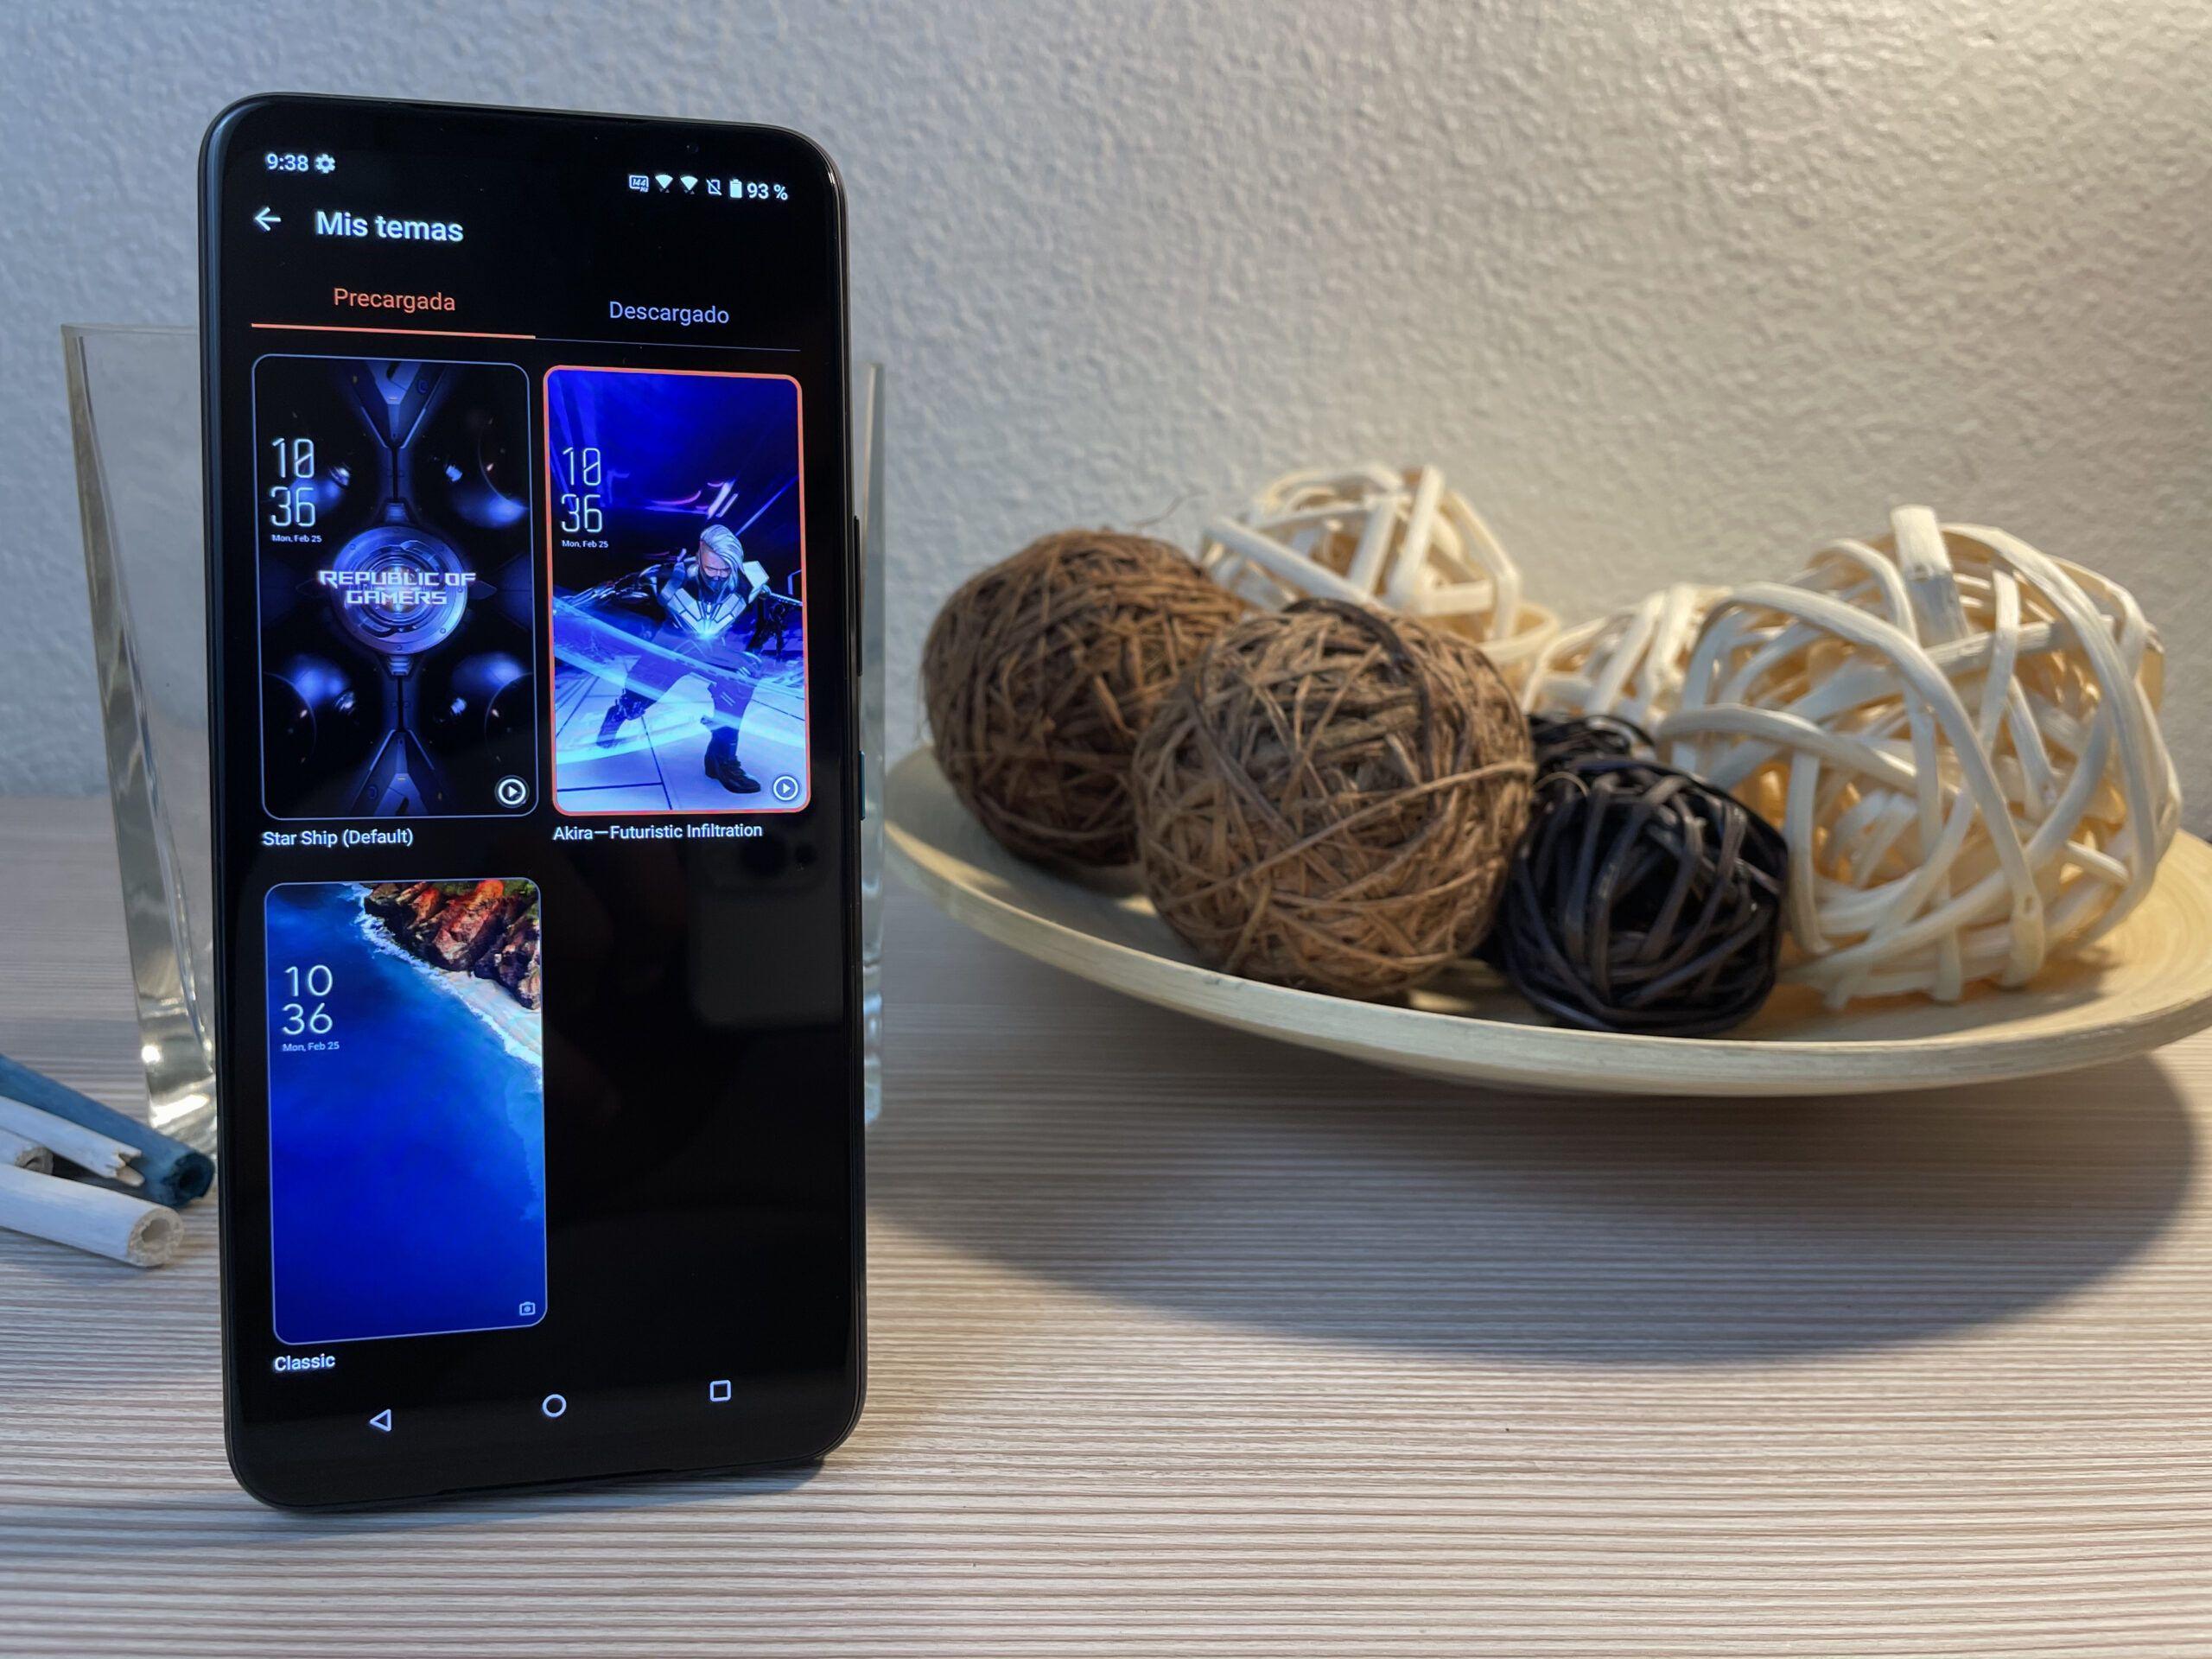 Temas Asus ROG Phone 5